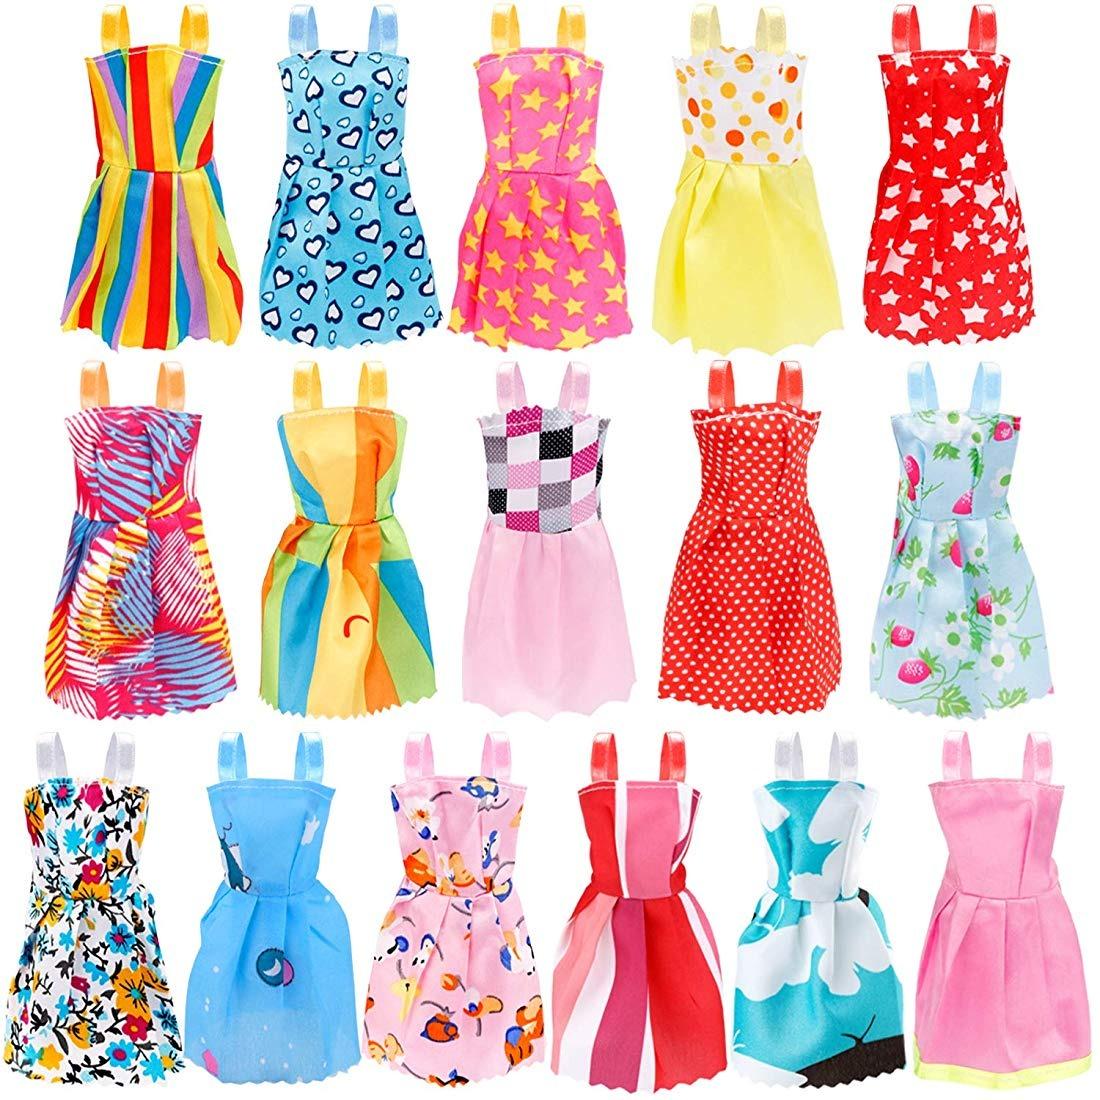 Juego De Moda Para Muñecas De 73 Piezas Para Vestir A Las Mu